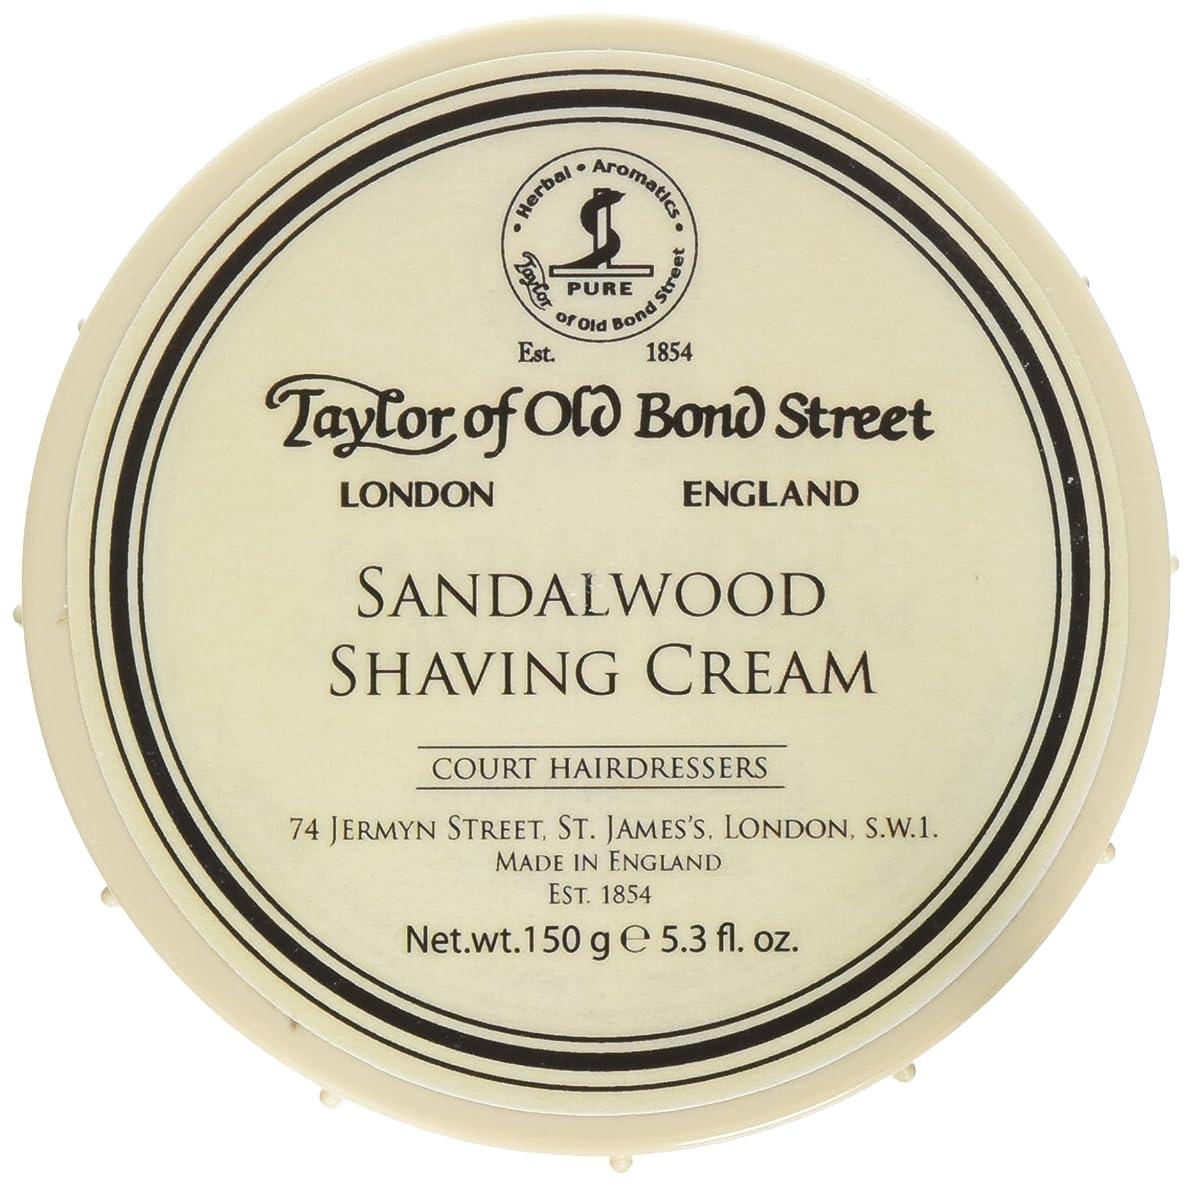 平衡キャラバンさておきTaylor of Old Bond Street Sandalwood Shaving Cream Bowl, 5.3-Ounce 2PK by Taylor of Old Bond Street [並行輸入品]